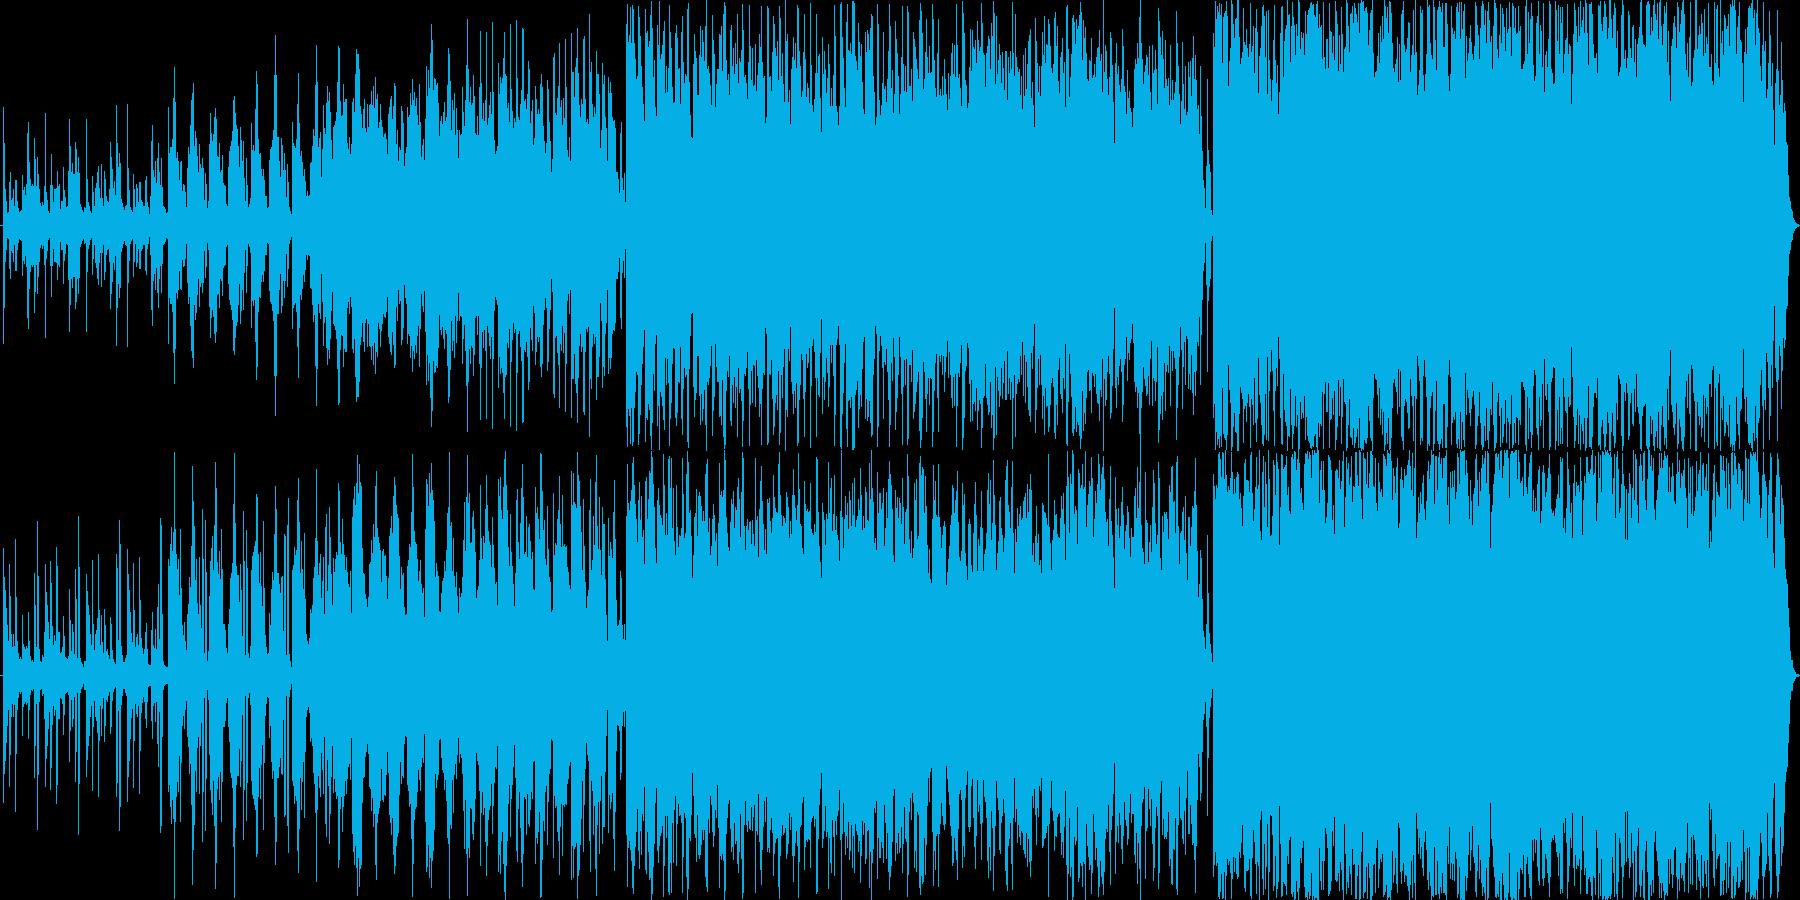 不気味で怪しい雰囲気のワルツ風の再生済みの波形